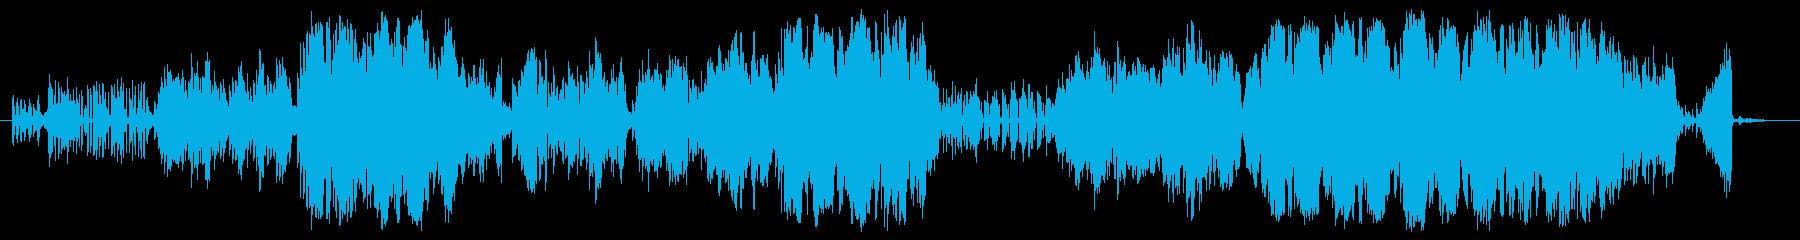 ドミノワルツの再生済みの波形